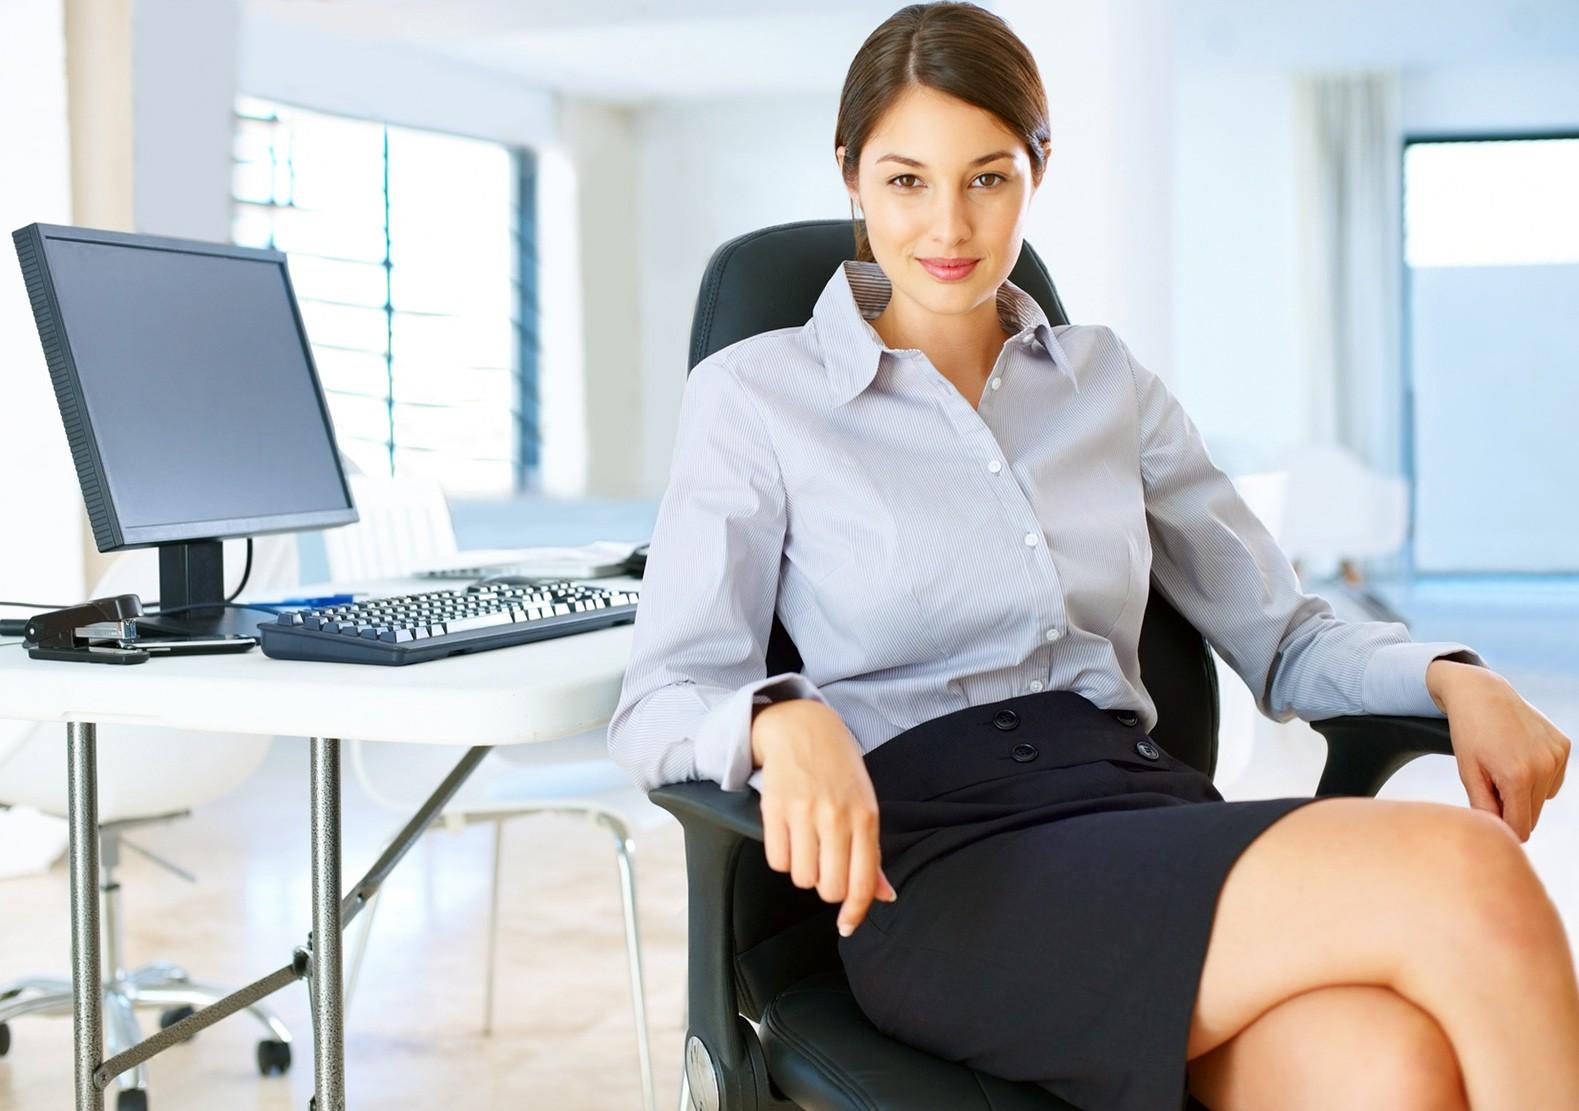 Картинки по запросу Как стать успешной женщиной с нуля